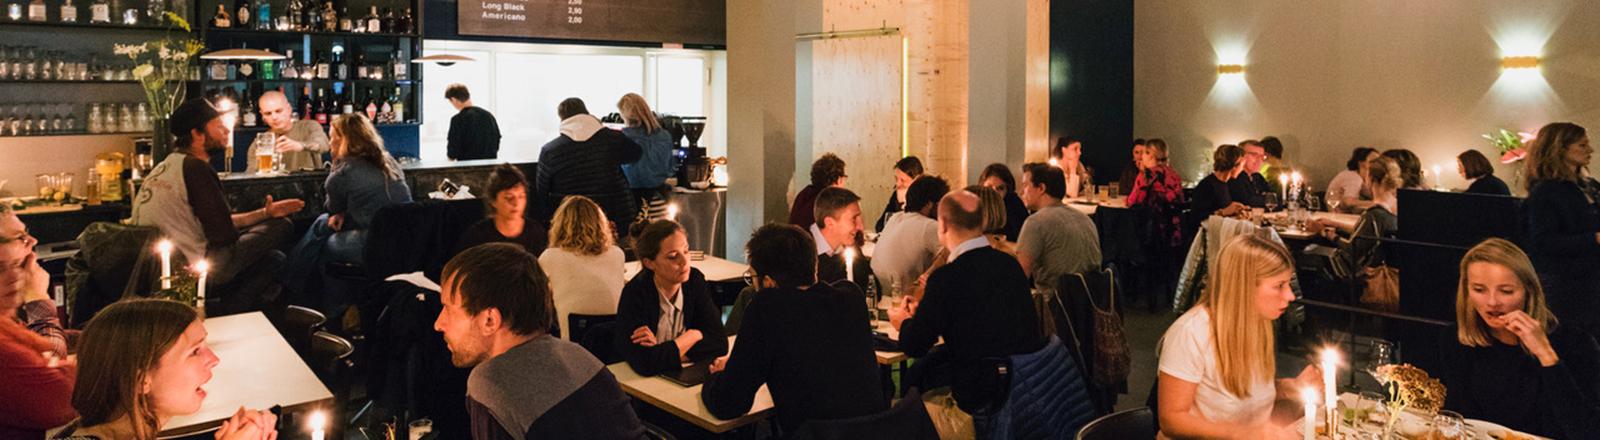 Menschen in einem Restaurant.